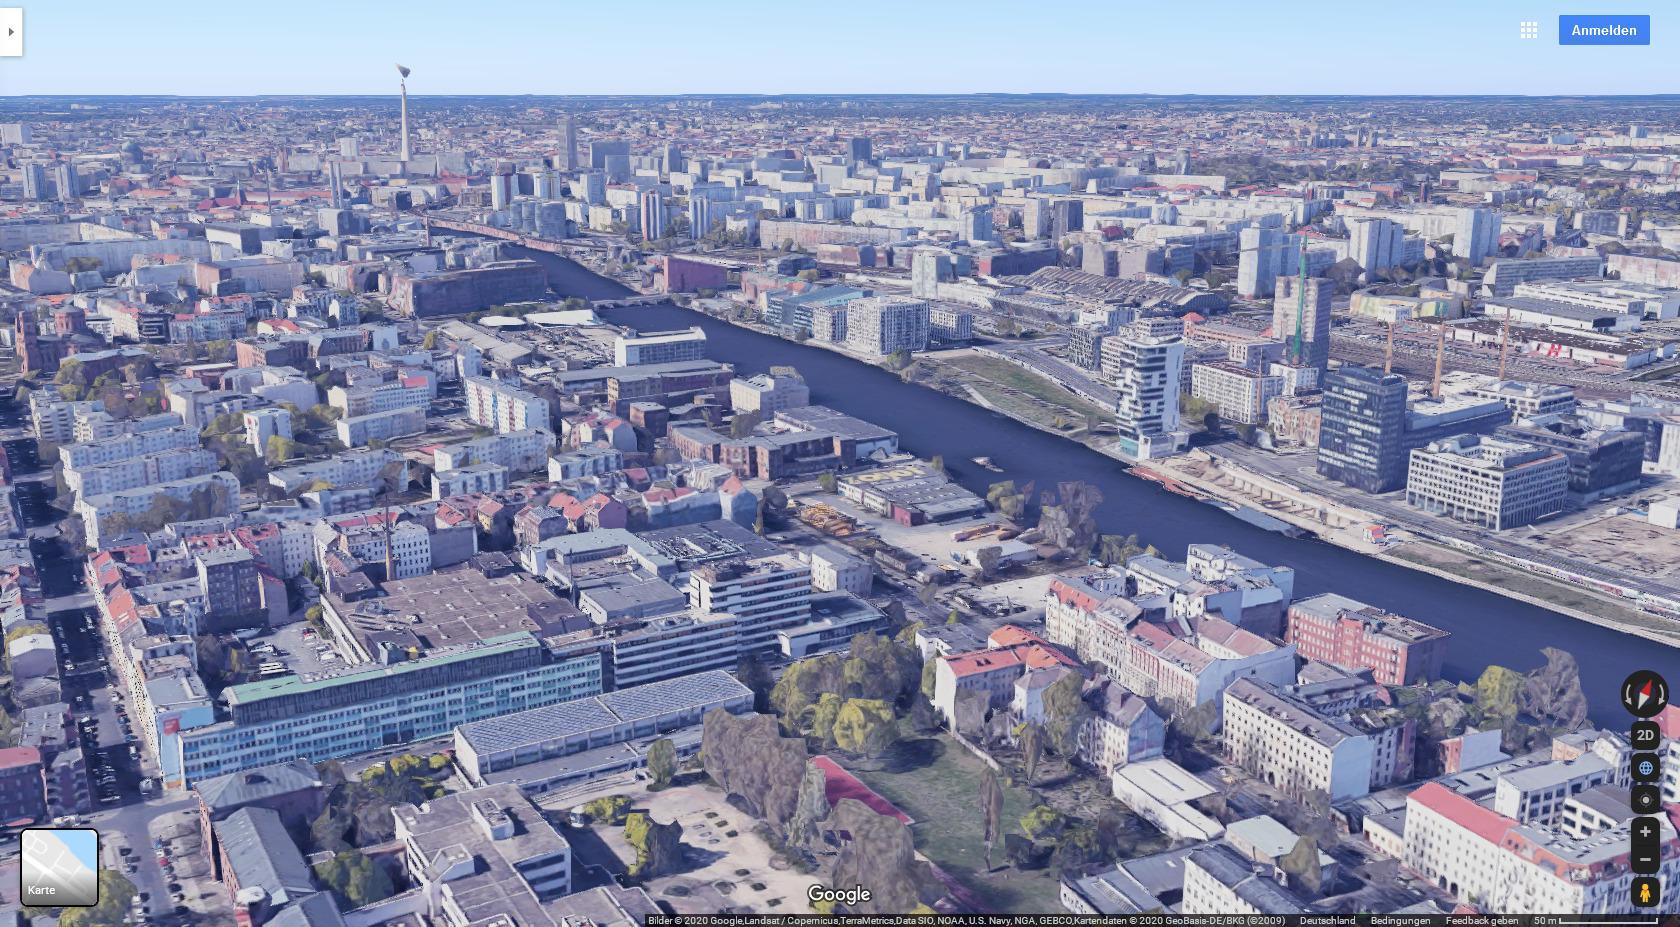 Google Maps: Luftbild der Spree zwischen Berlin-West und Berlin-Ost